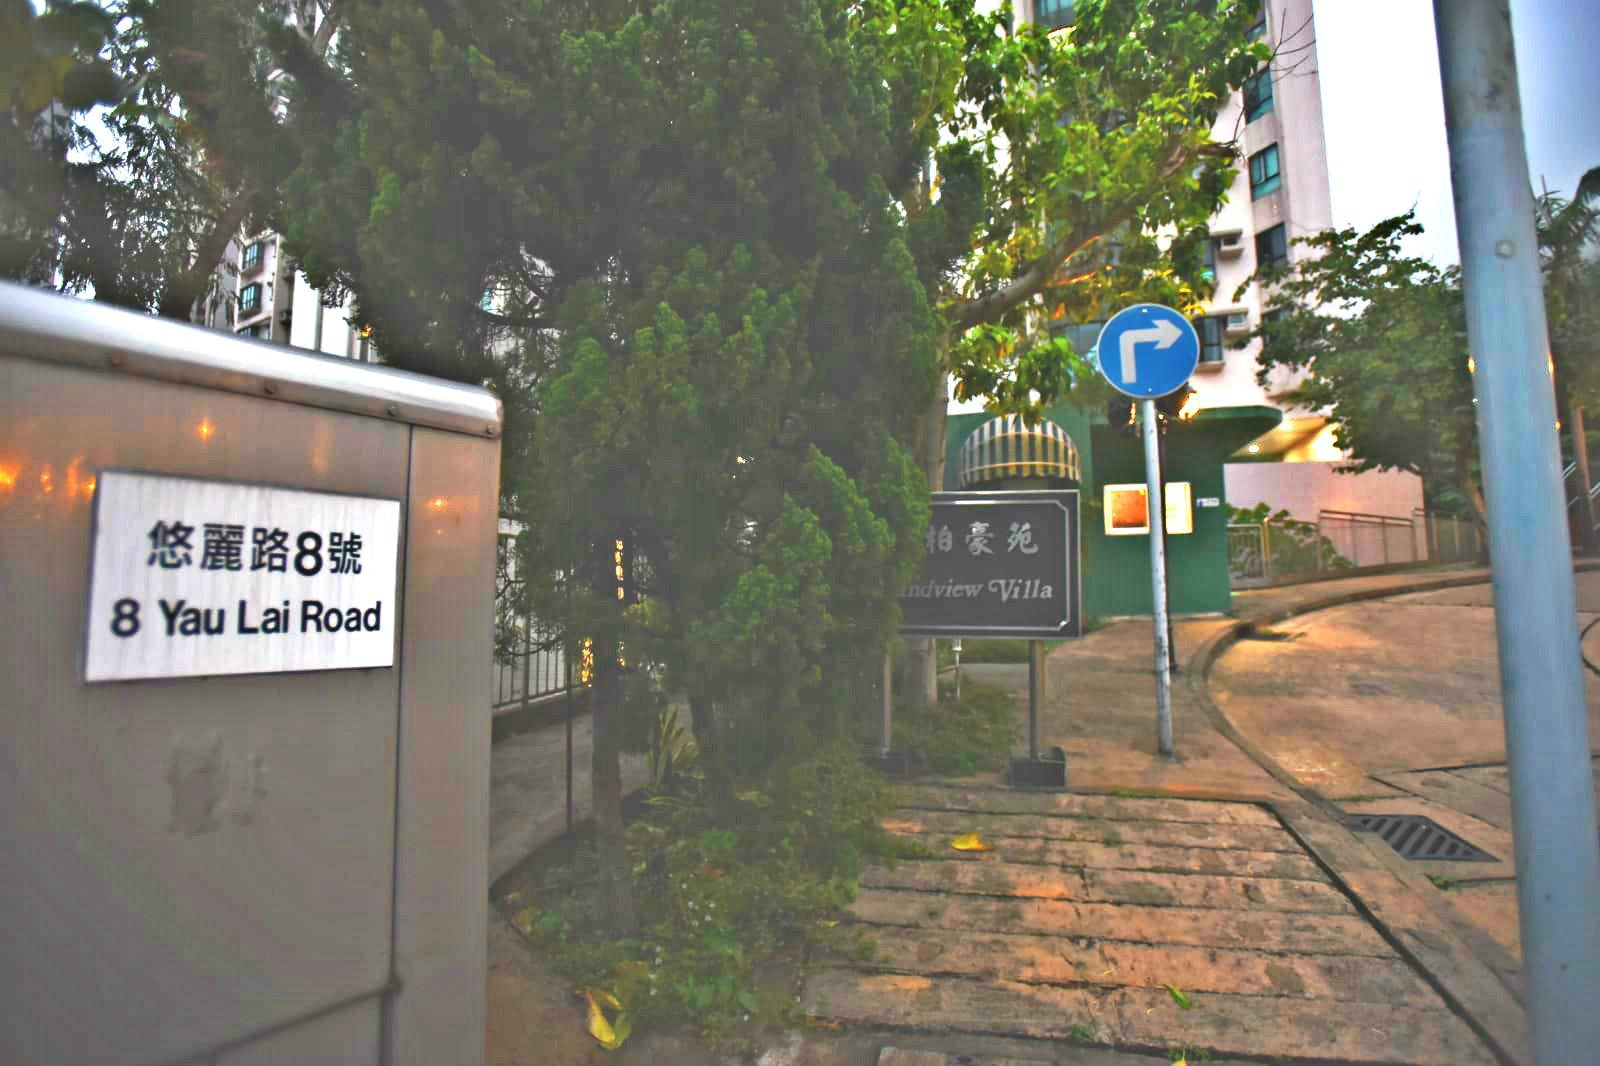 荃湾独立屋遭爆窃。